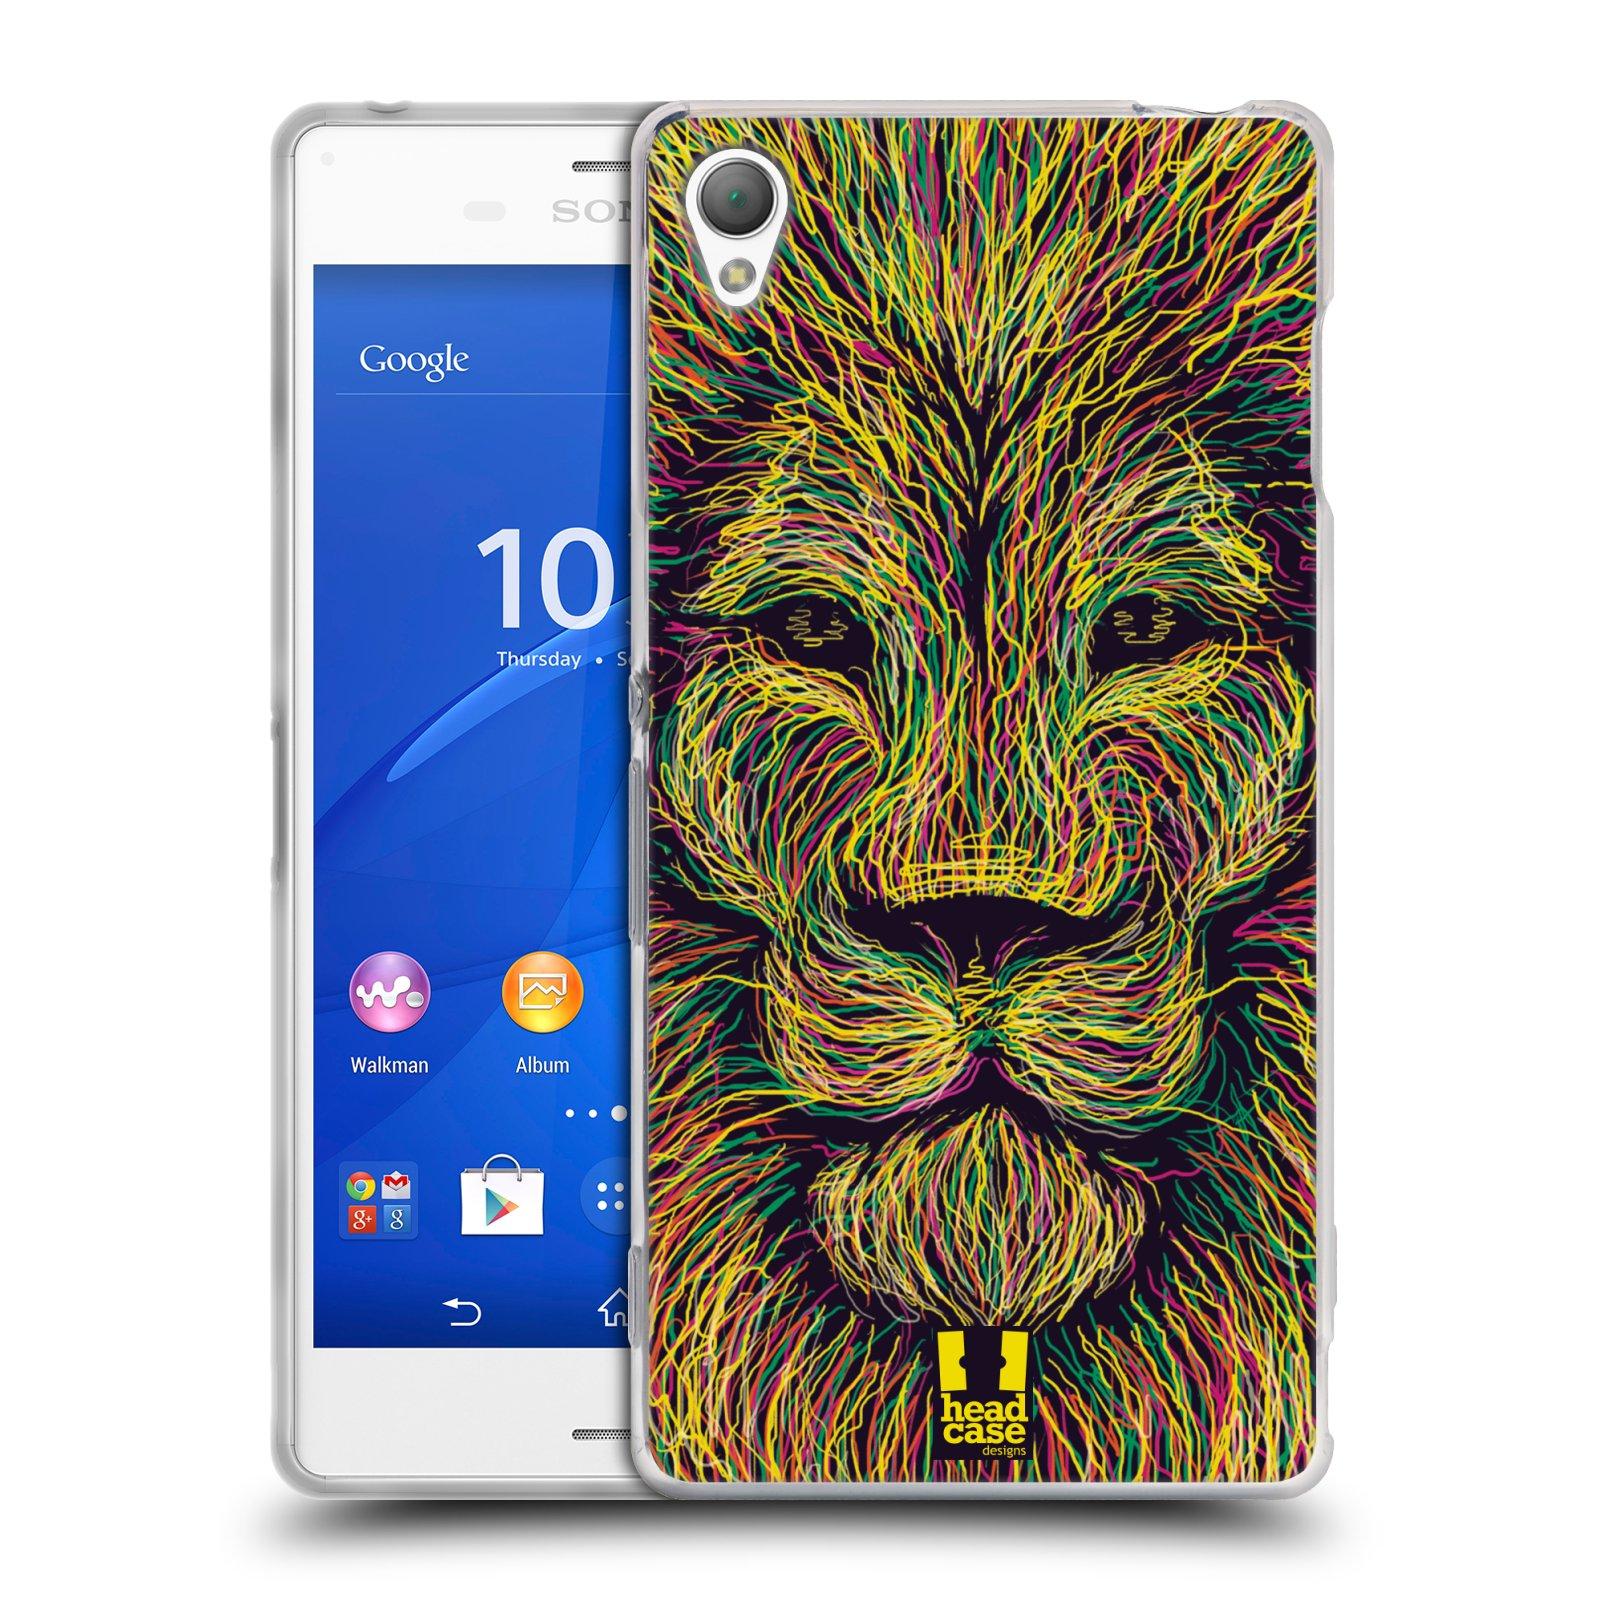 HEAD CASE silikonový obal na mobil Sony Xperia Z3 vzor zvíře čmáranice lev